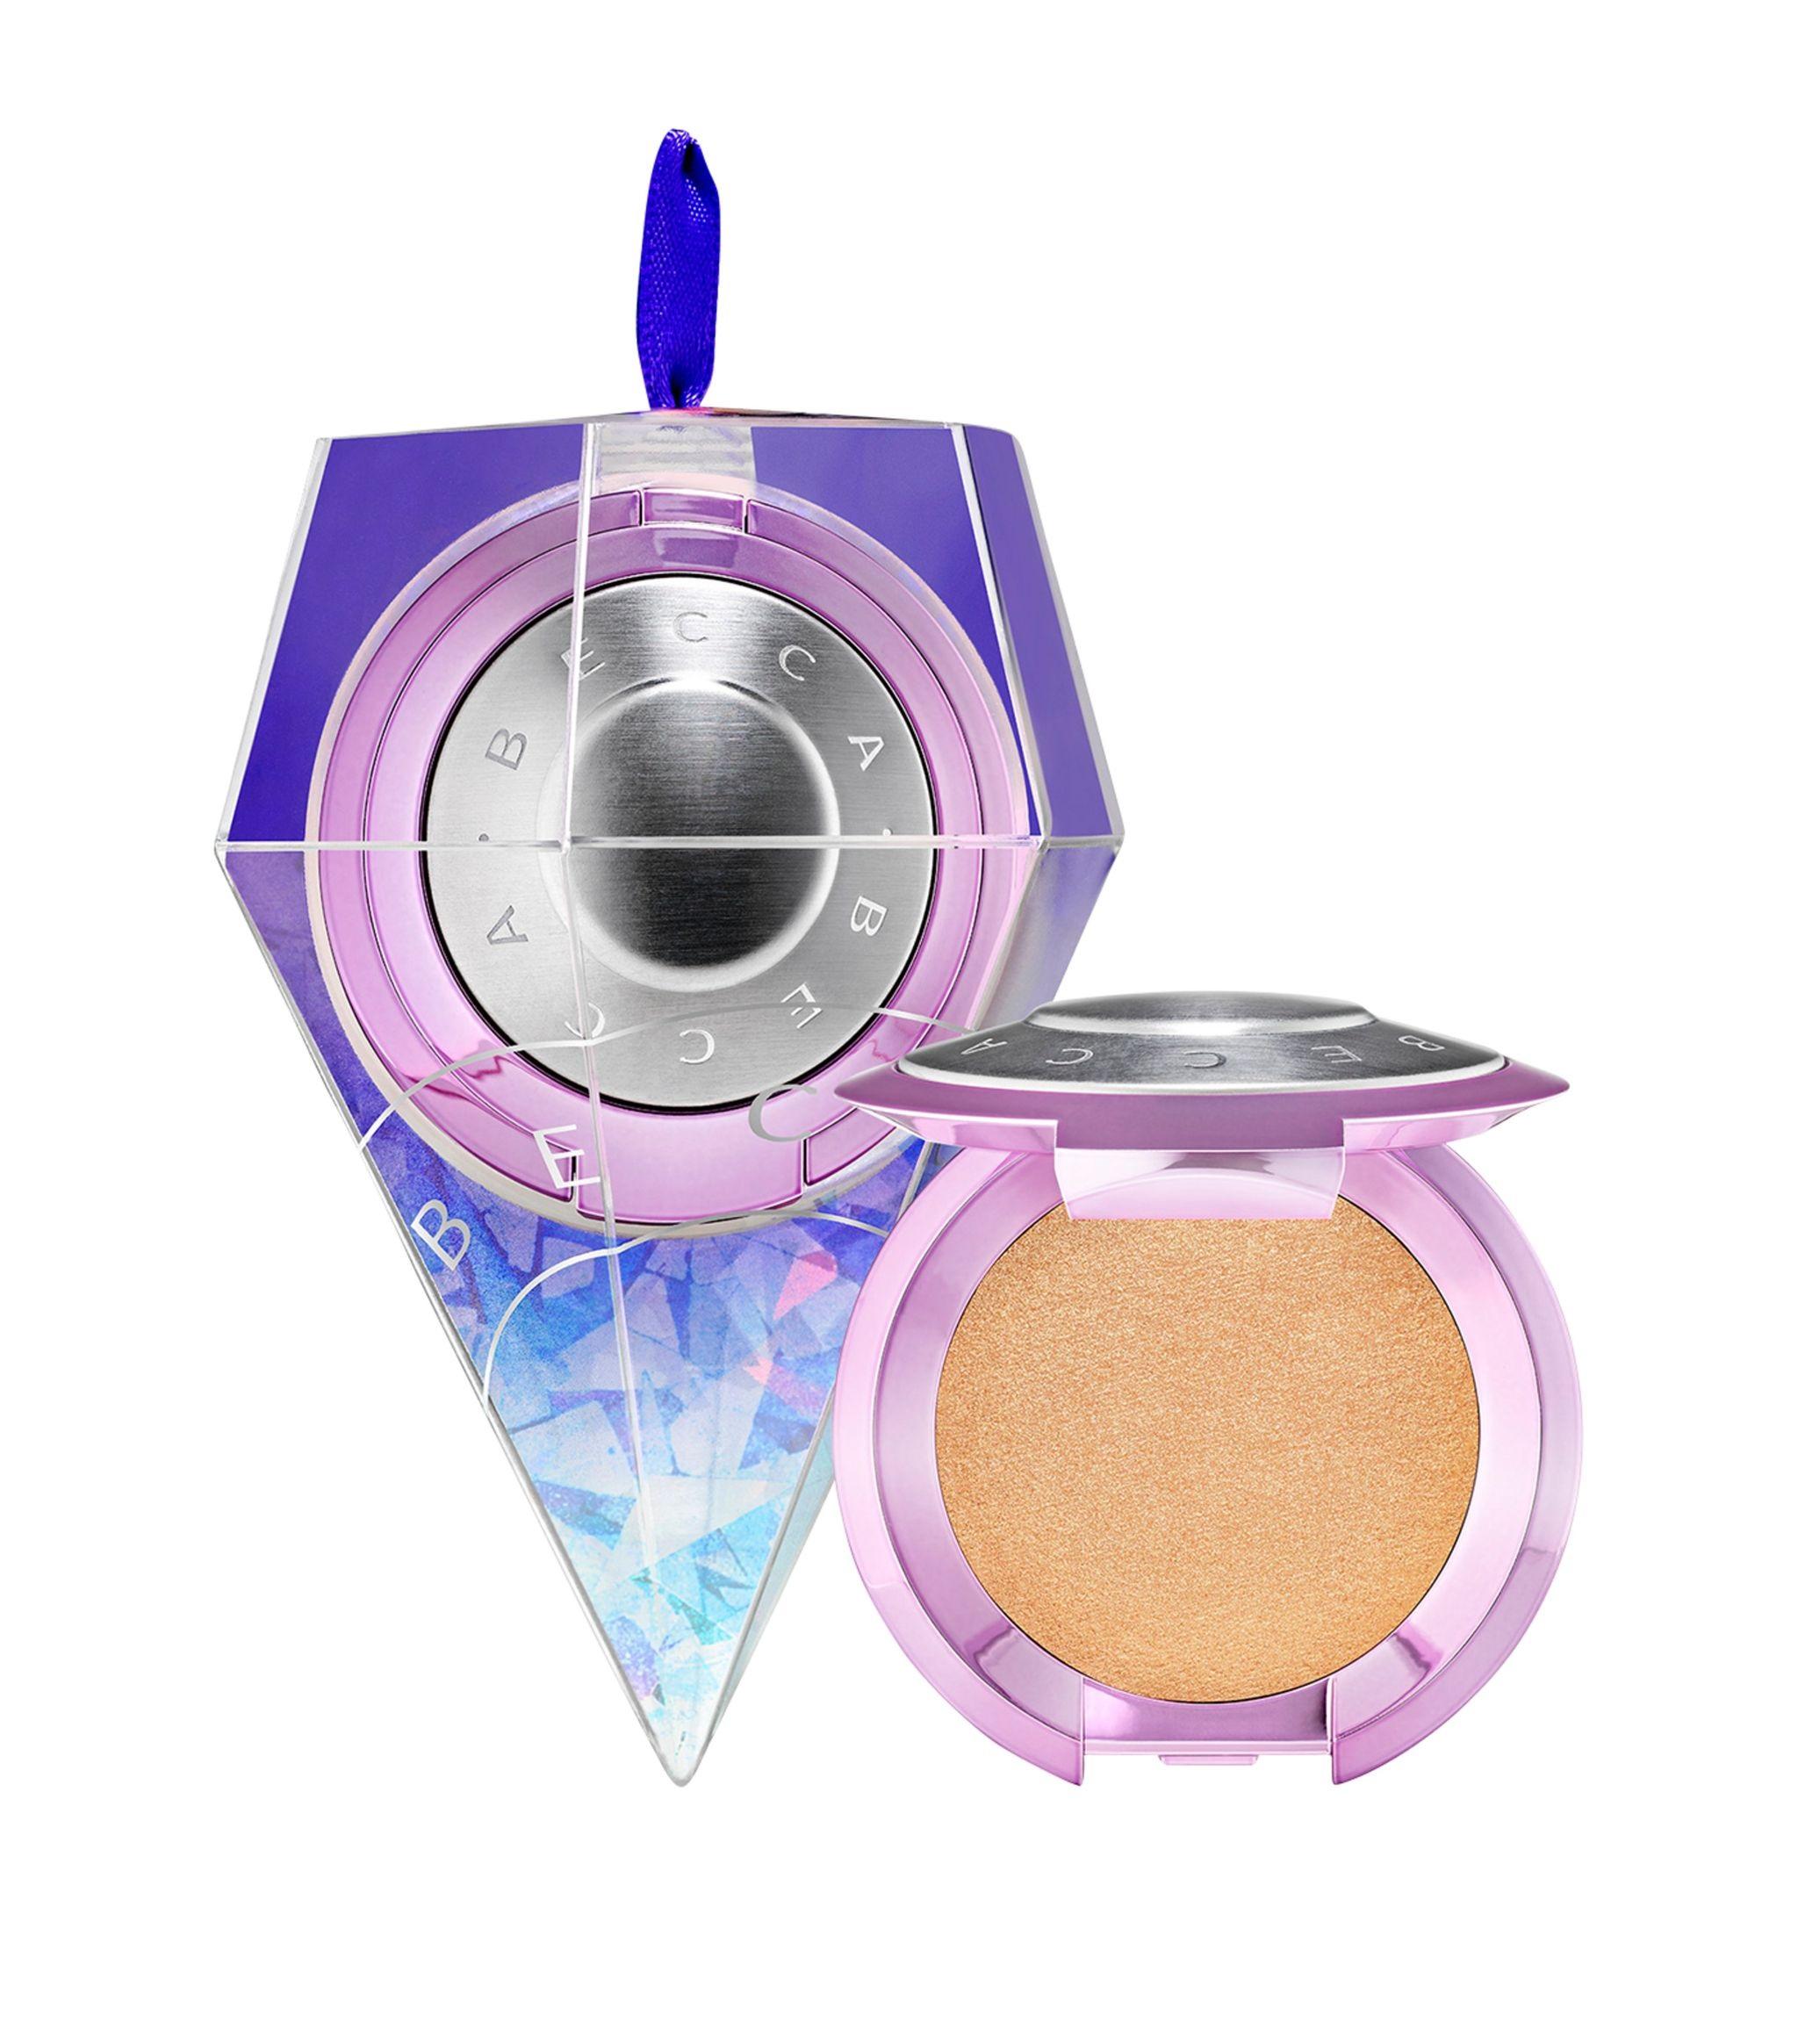 Iluminador en versión mini de Becca Cosmetics